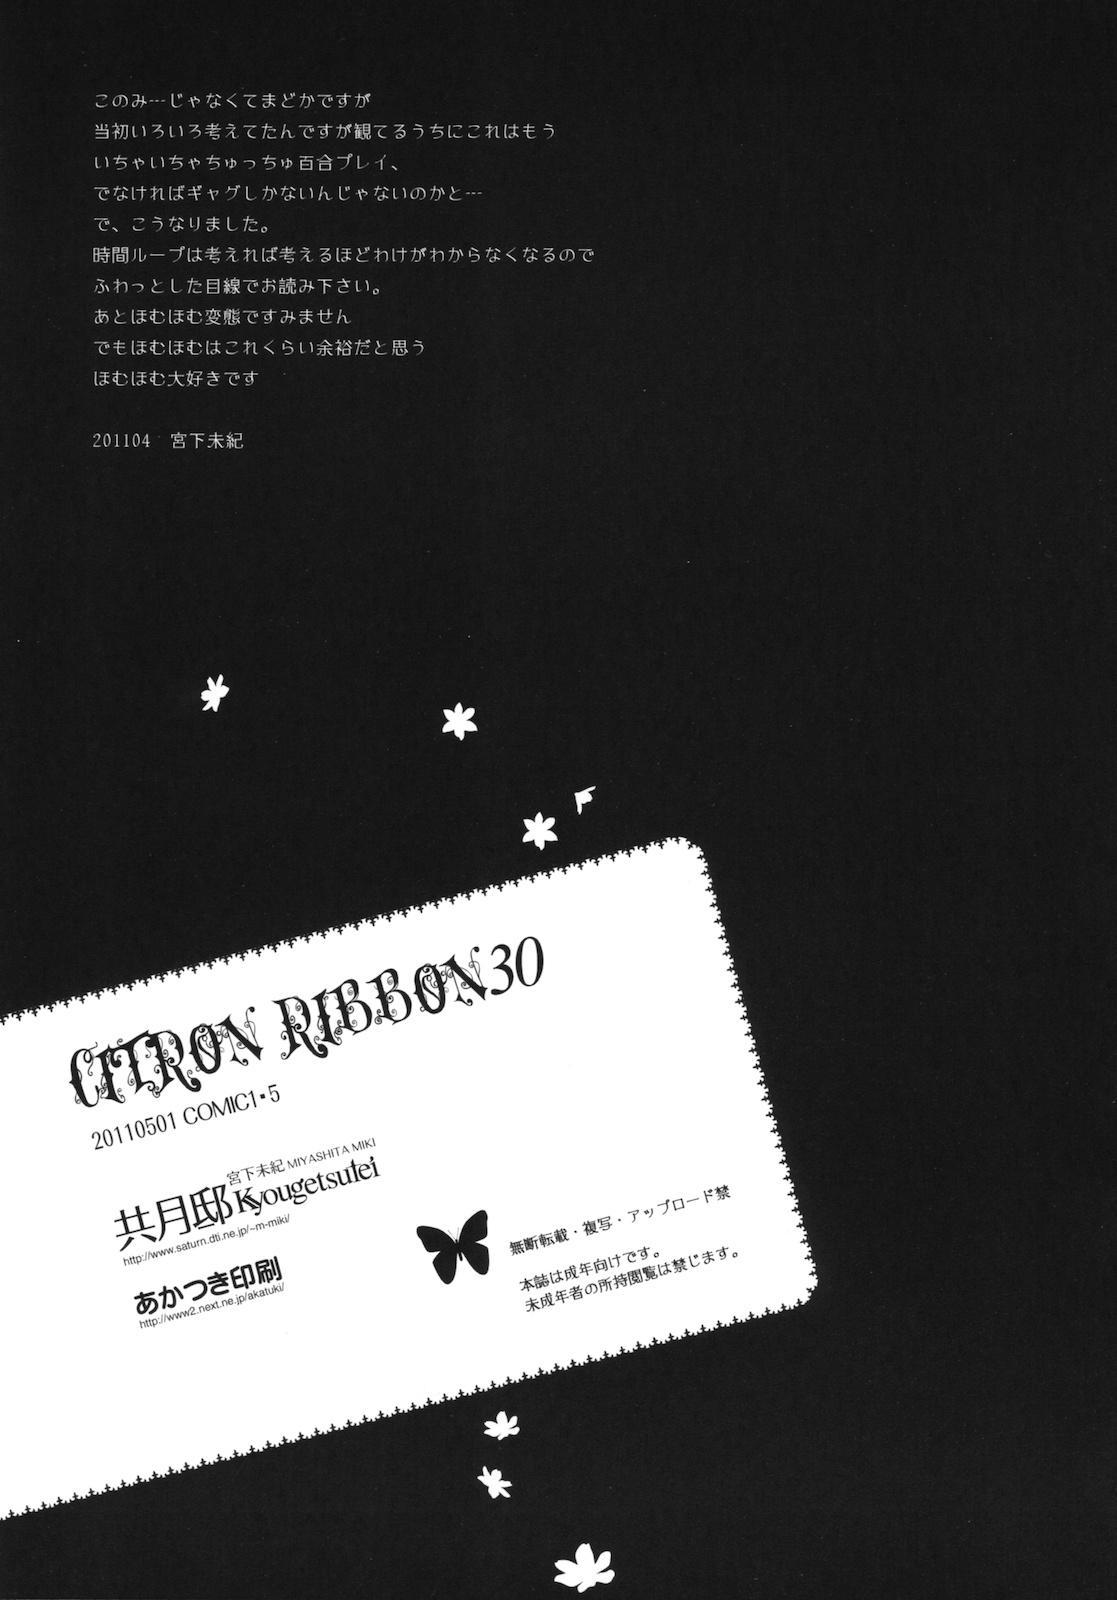 CITRON RIBBON 30 15